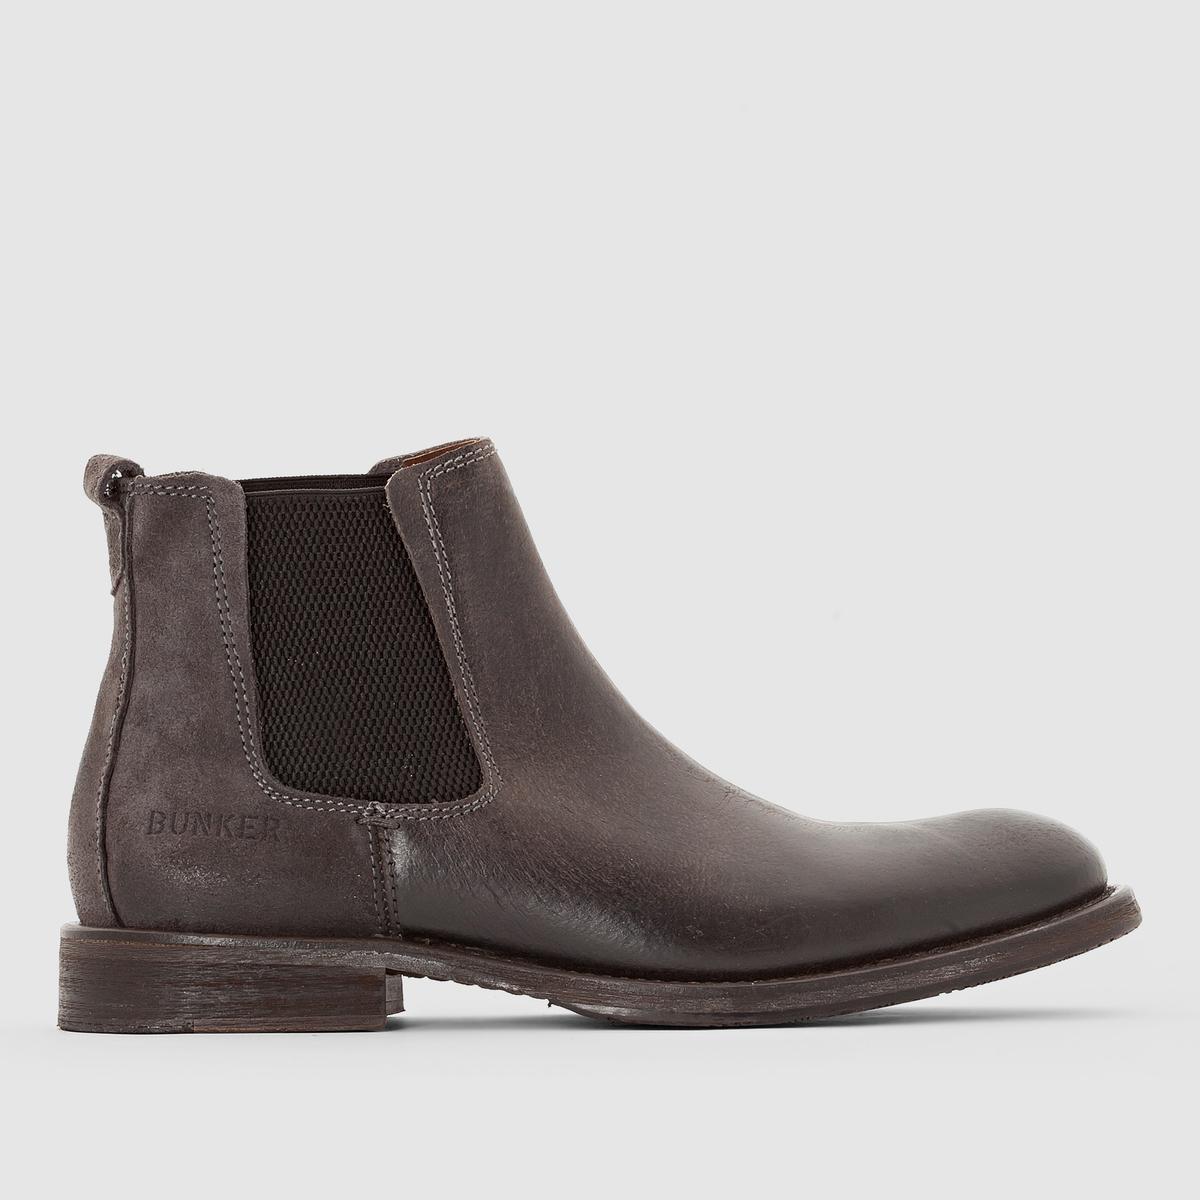 Ботильоны Chelsea BEATПодкладка: кожа.       Стелька: кожа.       Подошва: каучук.     Высота каблука: 15 см.Форма каблука: ровныйМысок: круглый.   Застежка: без застежки.<br><br>Цвет: черный<br>Размер: 43